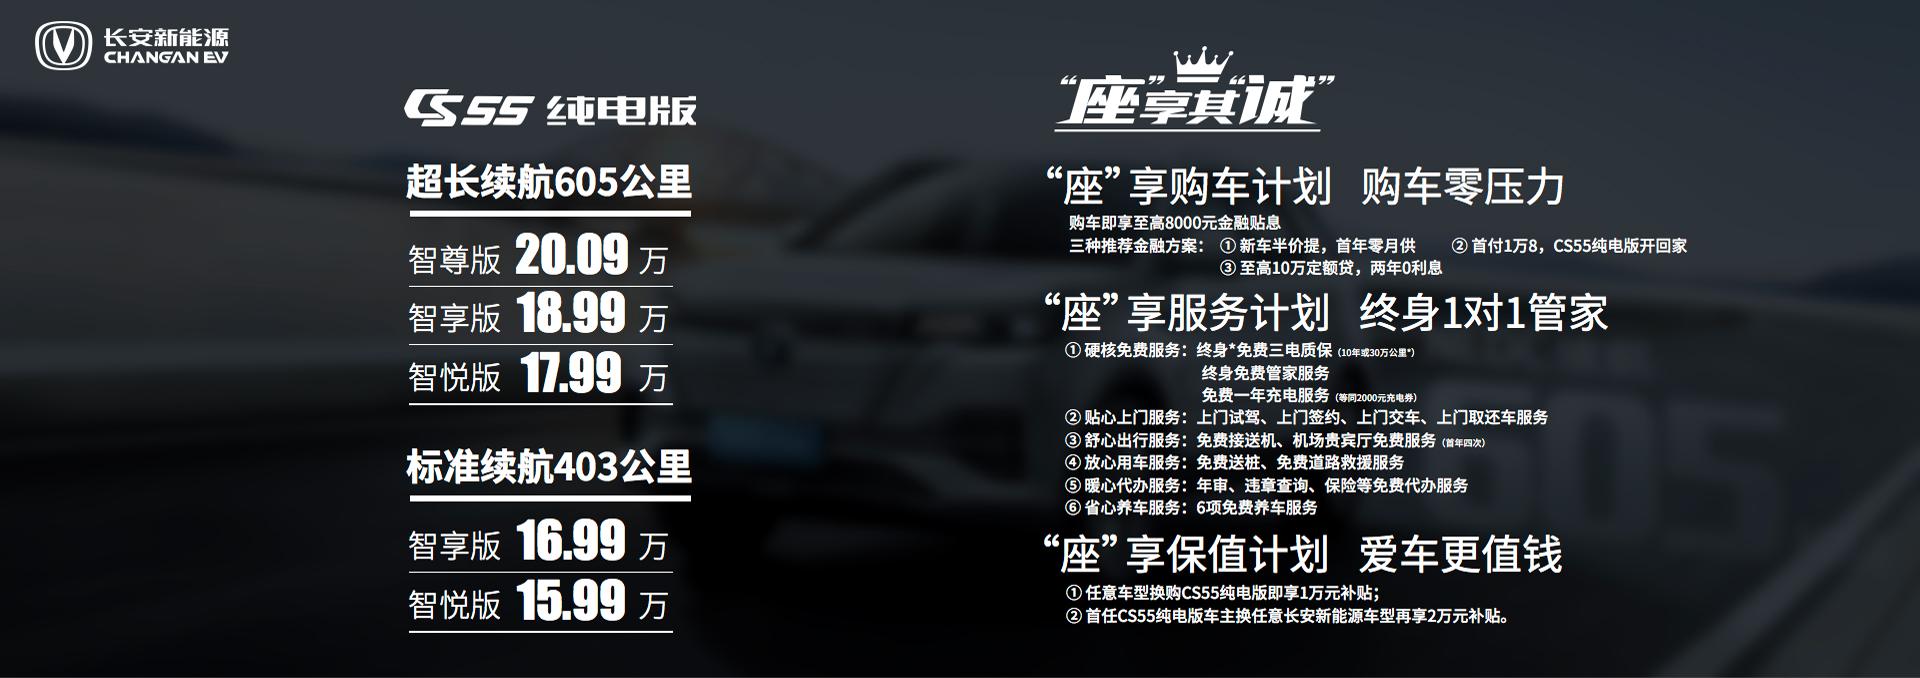 长安新能源CS55纯电版上市 5款车型/15.99万元起